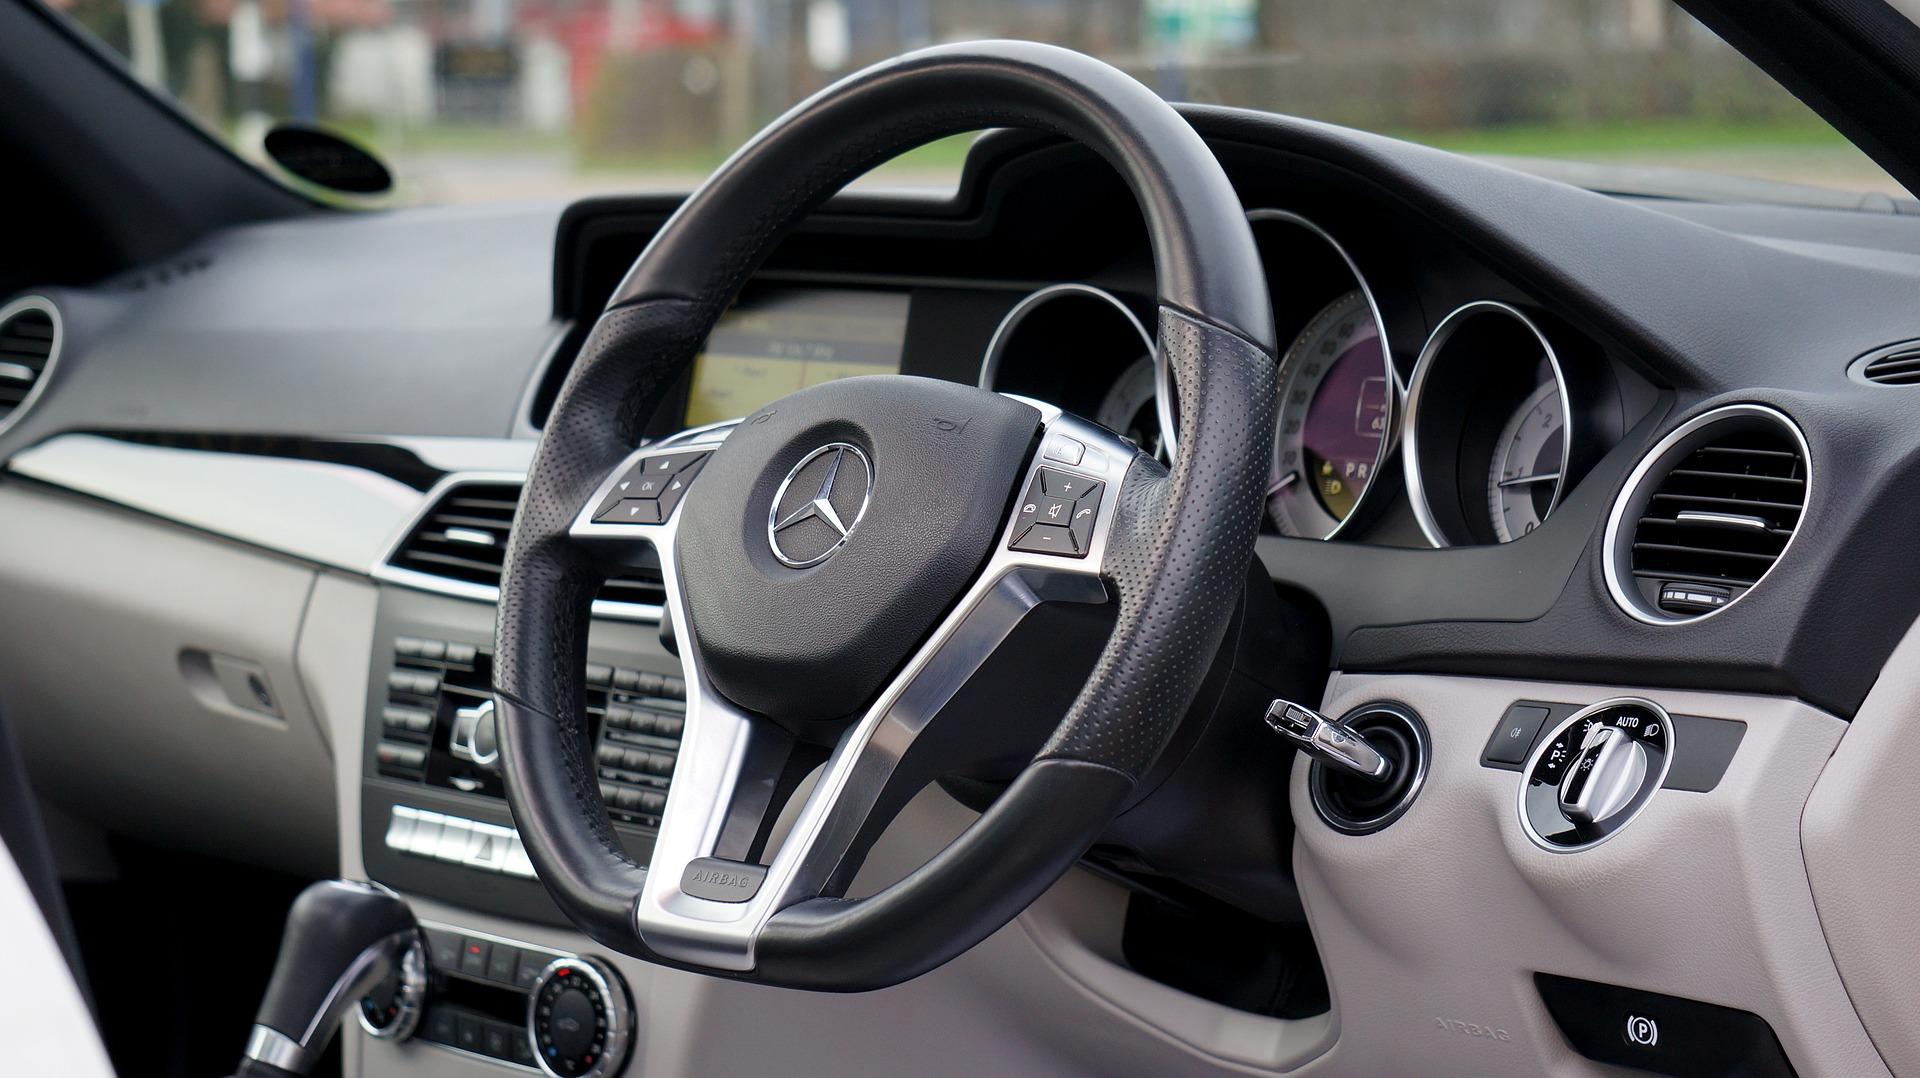 Car Interior Parts >> Automotive Plastic Coating for Car Interiors | Coating.com.au